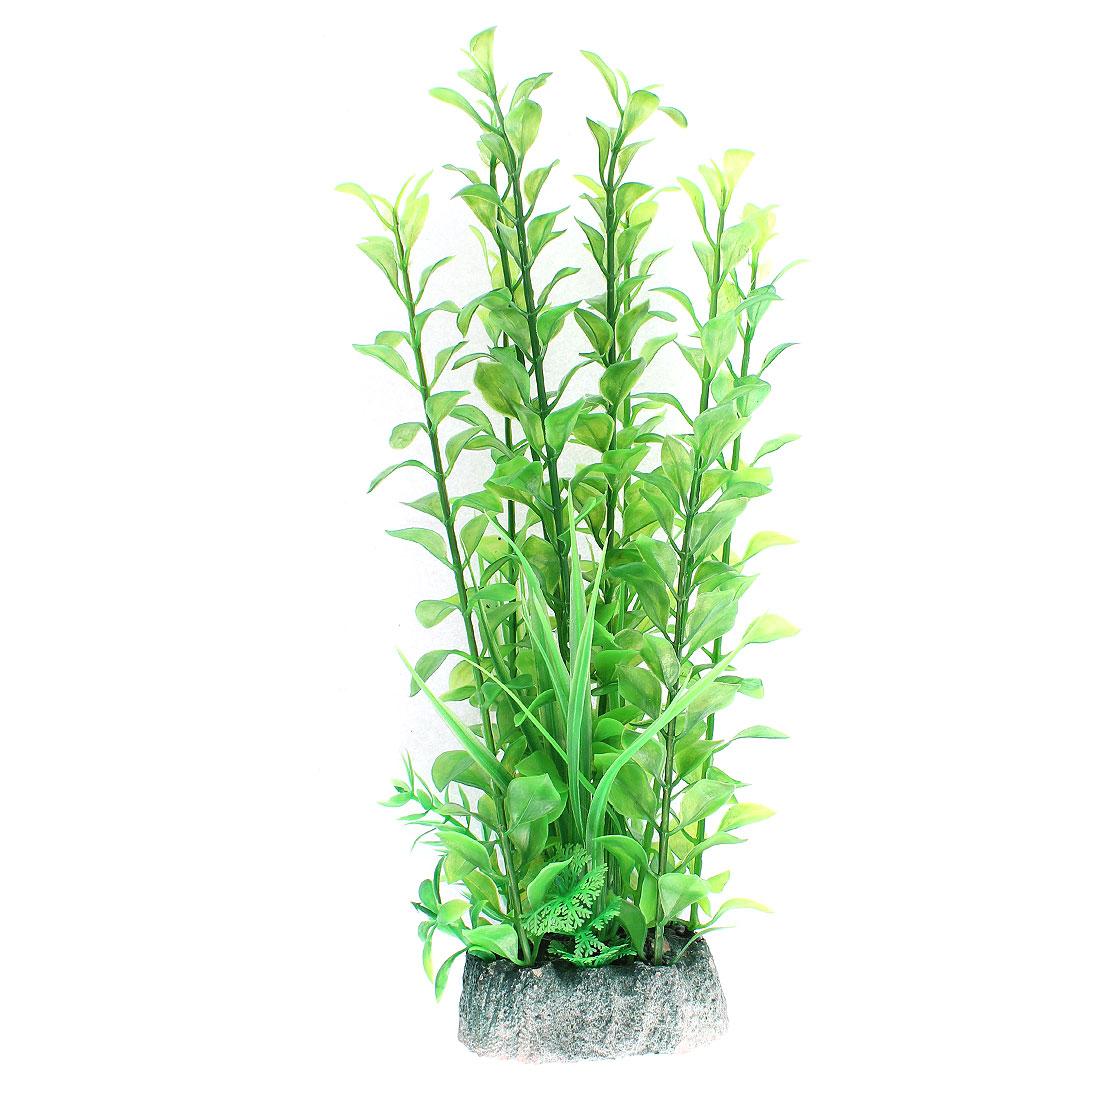 Aquarium Plastic Artificial Water Plant Grass Embellishment 32cm Height